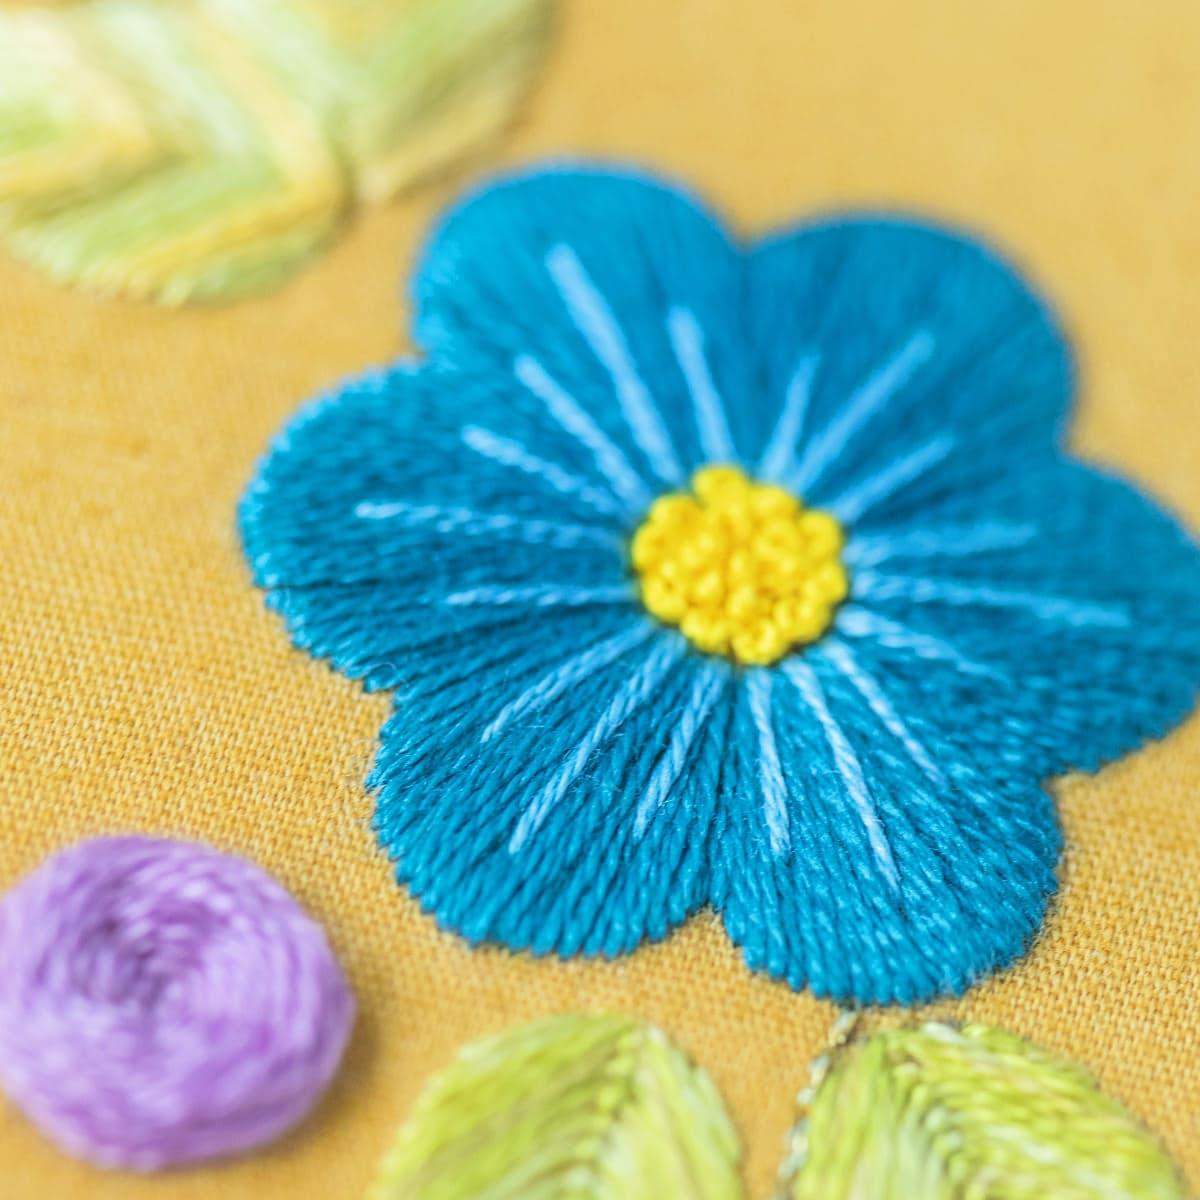 Bluen sticken mit Plattstich - so bekommst du ihn perfekt hin!